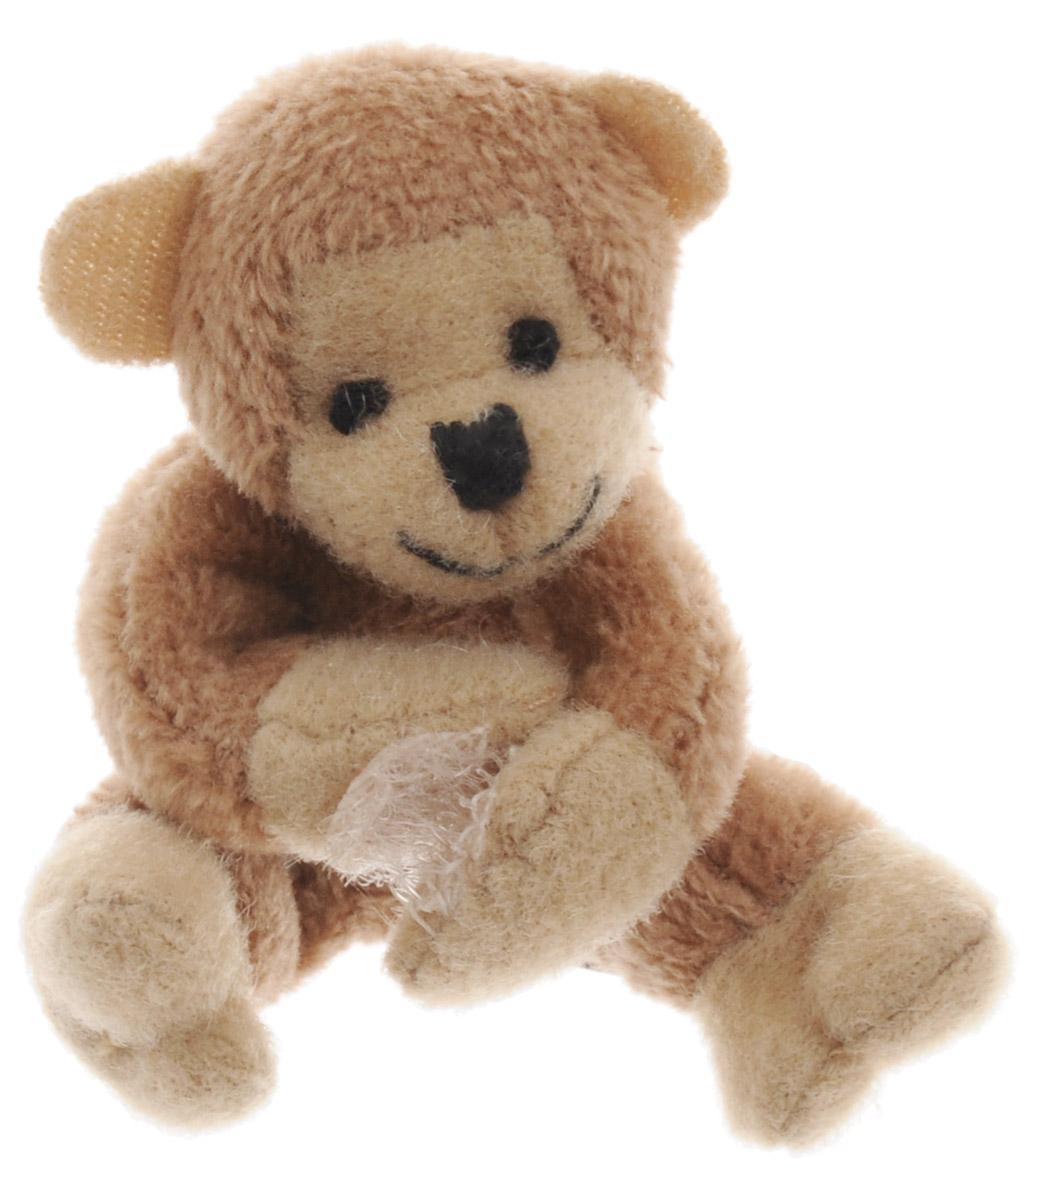 Beanzees Мягкая игрушка Обезьянка Magoo 5 смB31001_7_коричневая обезьянкаСимпатичная миниатюрная мягкая игрушка Beanzees Обезьянка Magoo - это игрушка три в одном. Ее приятно держать в руках, увлекательно коллекционировать, а также эти игрушки можно соединять между собой с помощью липучек и носить как оригинальное украшение на шею или на руку. По легенде эти крошечные животные обитают все вместе в волшебном лесу под названием Бинзилэнд, в котором всегда ярко светит солнышко и цветут цветы. Размер игрушки 5 см, она выполнена из мягкого гипоаллергенного материала, набивка - синтетическое волокно, в том числе специальные пластиковые гранулы, делающие эту игрушку замечательным антистрессом. На лапках обезьянки располагаются маленькие текстильные липучки, с помощью которых игрушку можно соединять с другими.